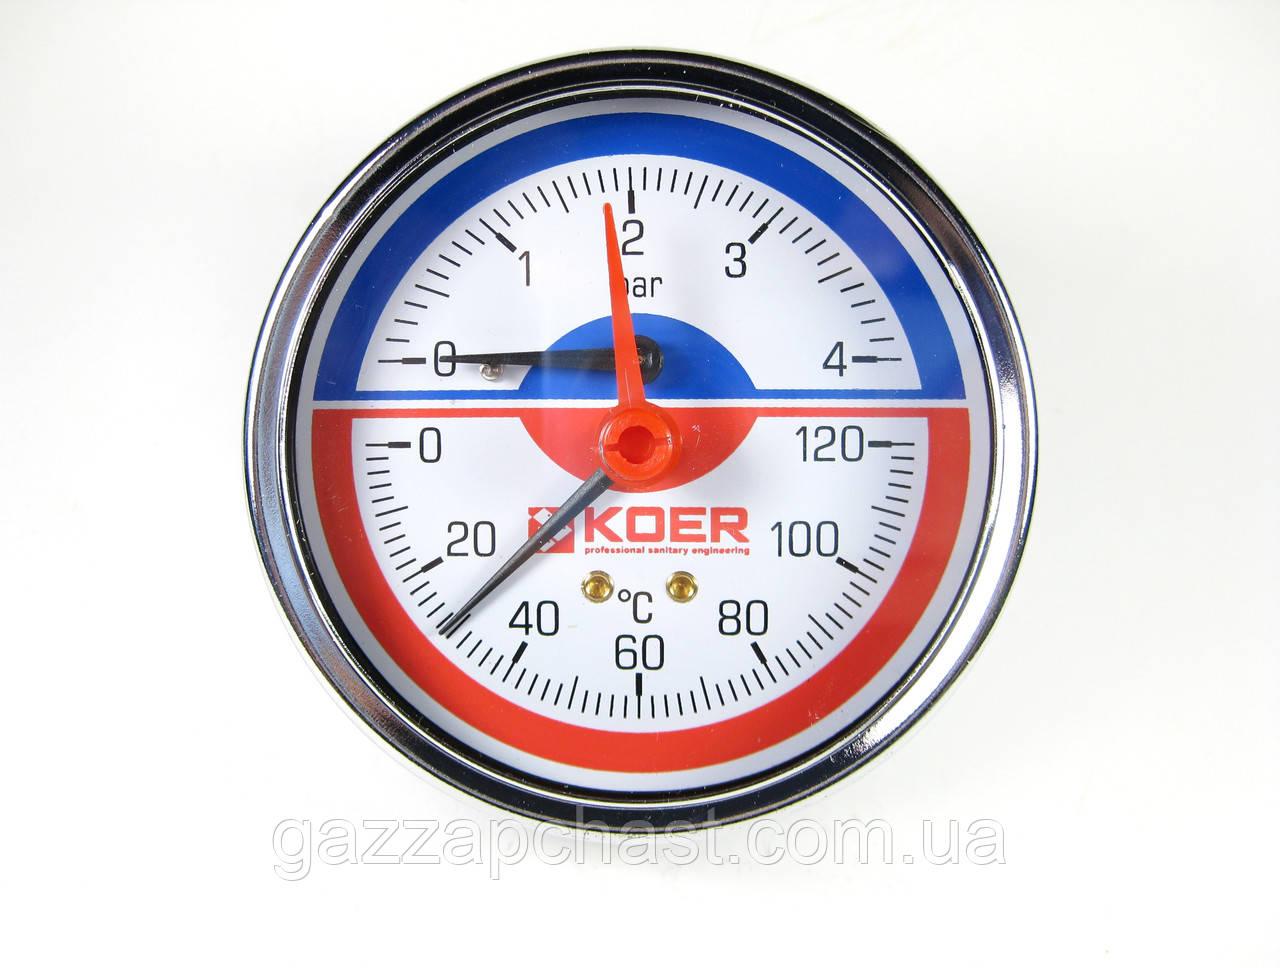 Термоманометр для напольных котлов (аксиальный - с подключением сзади), 0 - 4 бар, 0 - 120°C (К812)